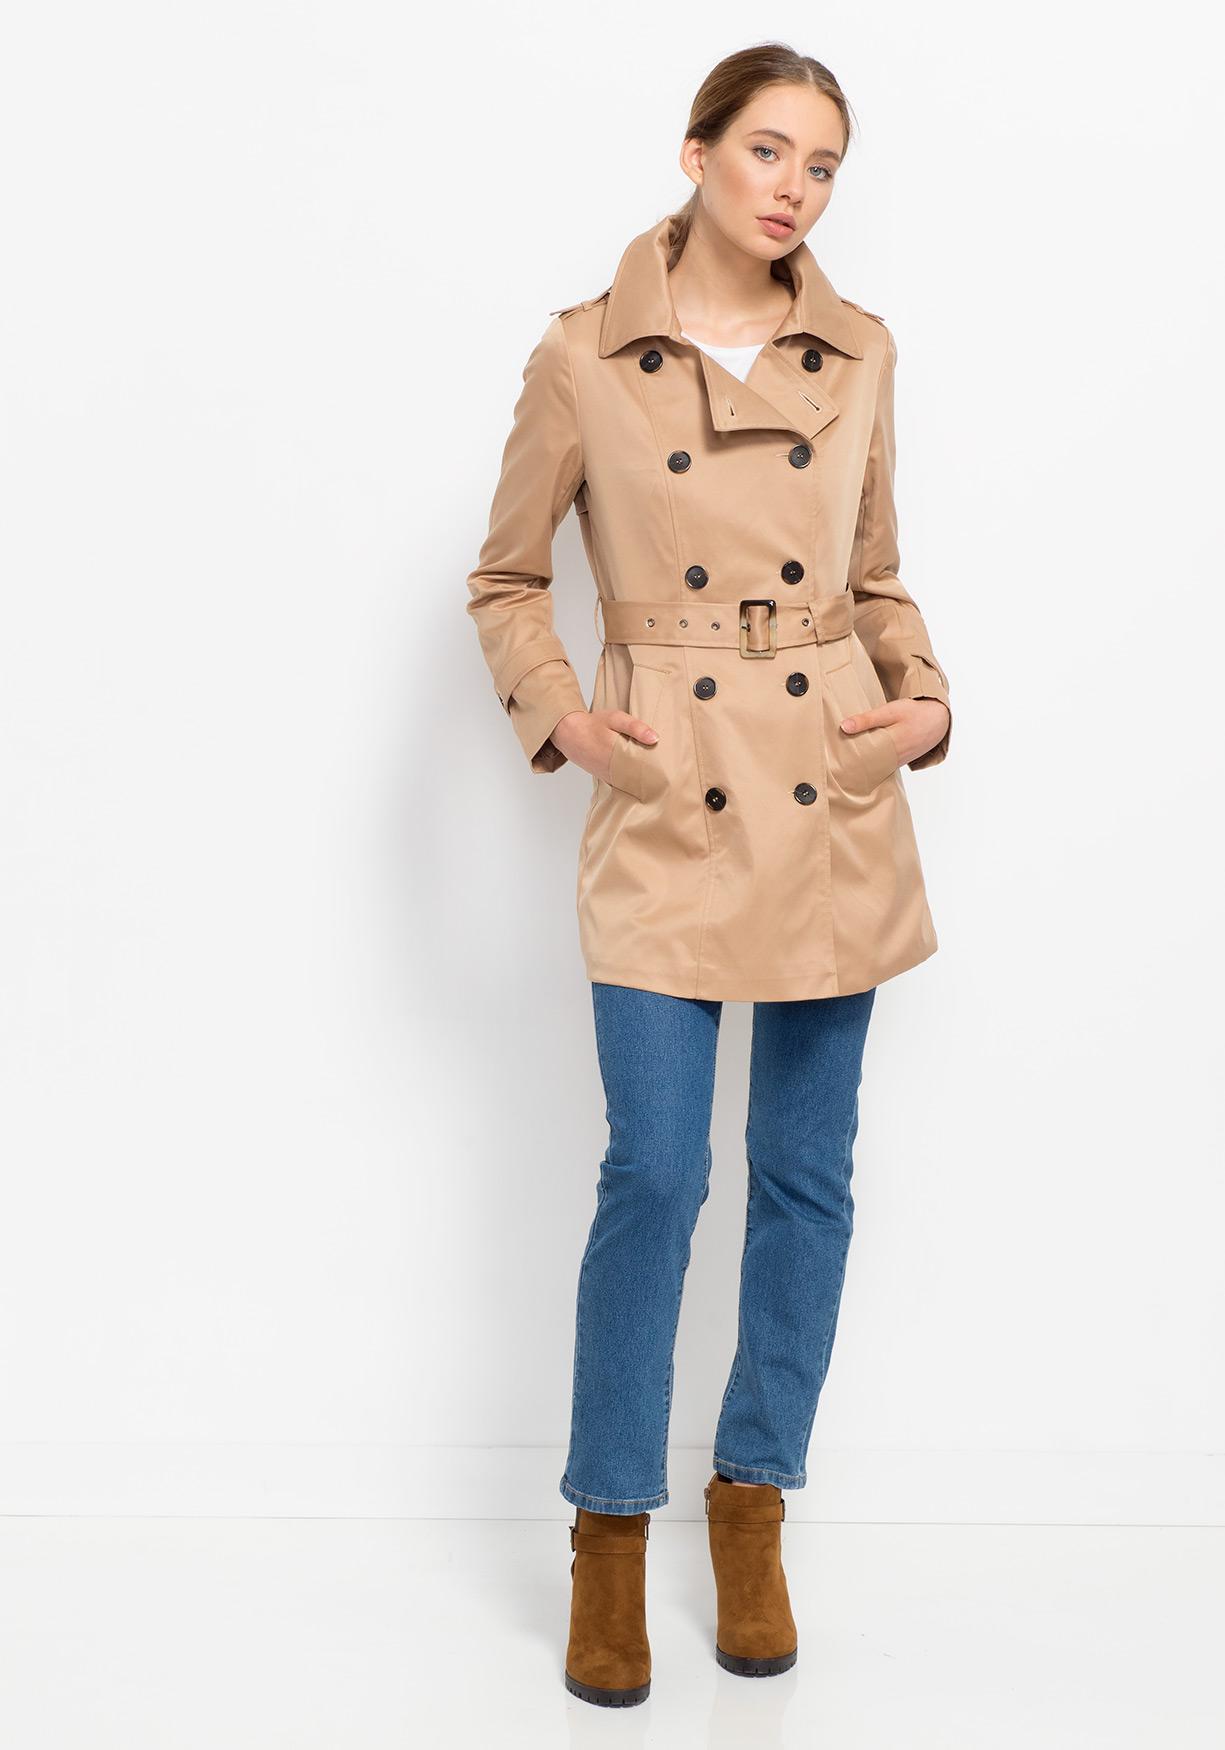 Ofertas en moda tu tienda de ropa online en carrefour tex - Ropa tex carrefour catalogo ...